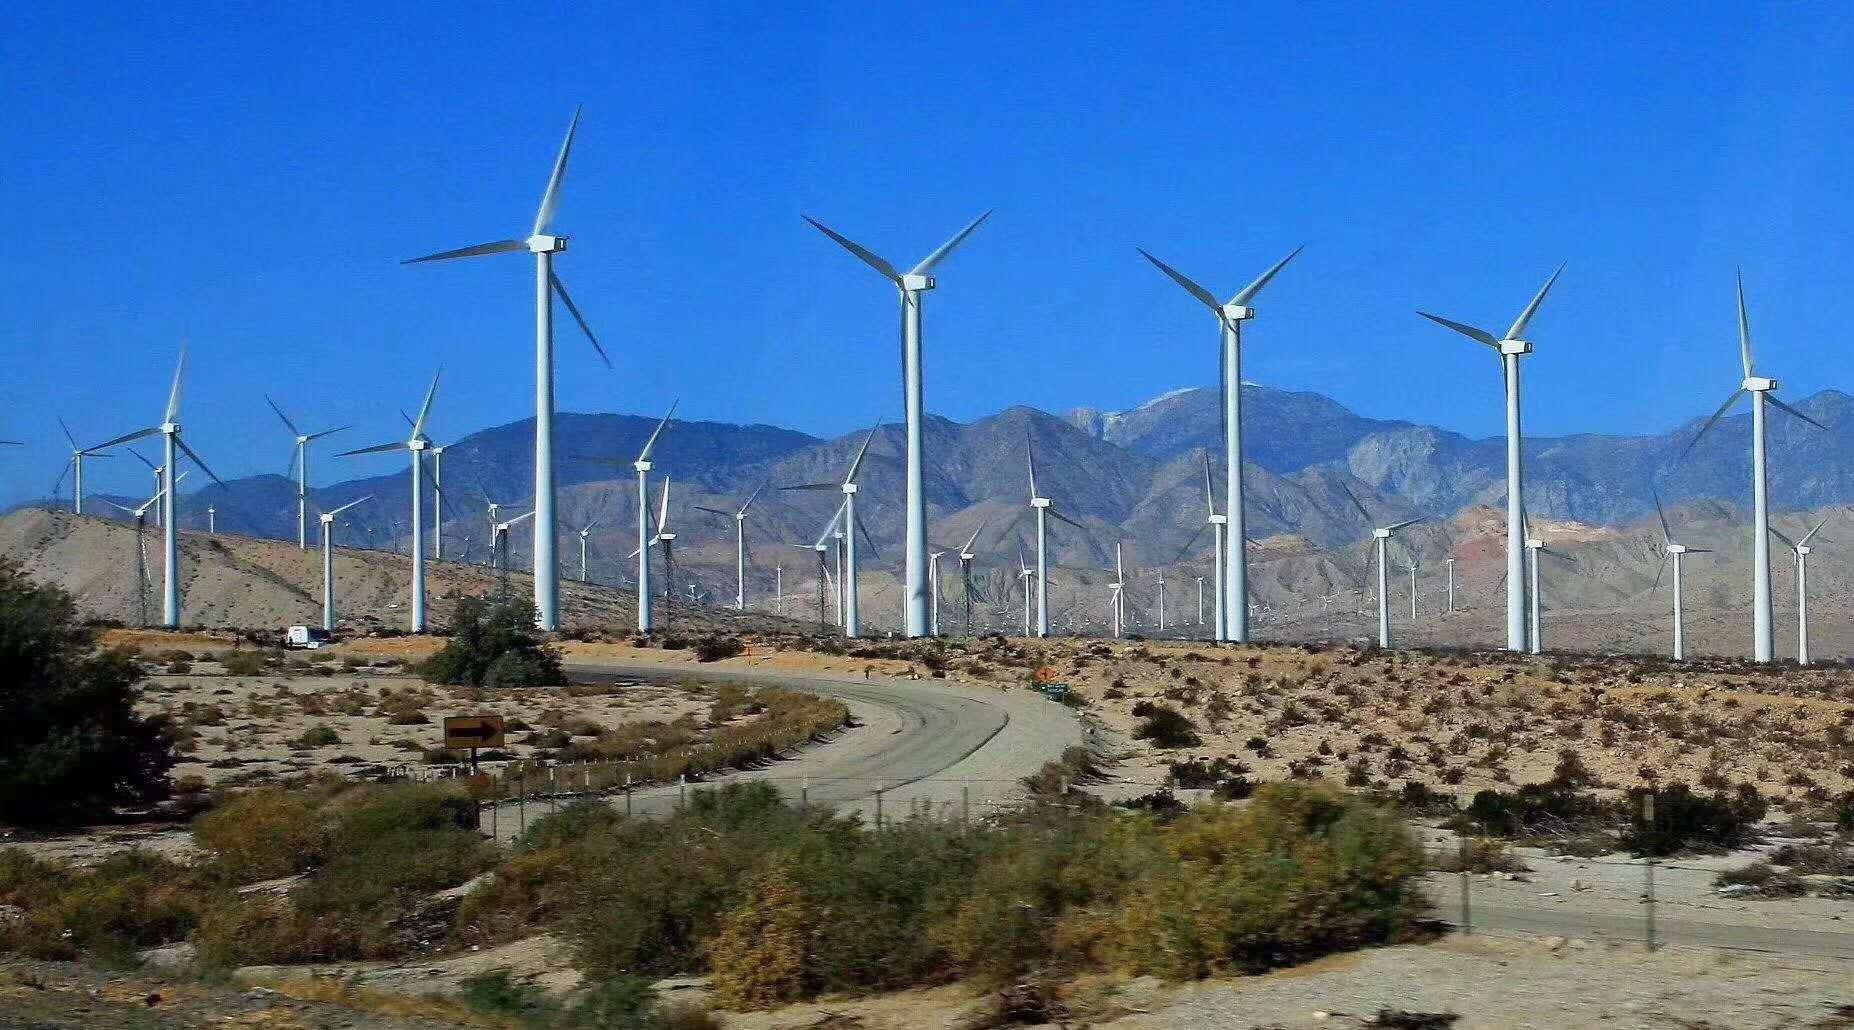 风力发电场运维工程师